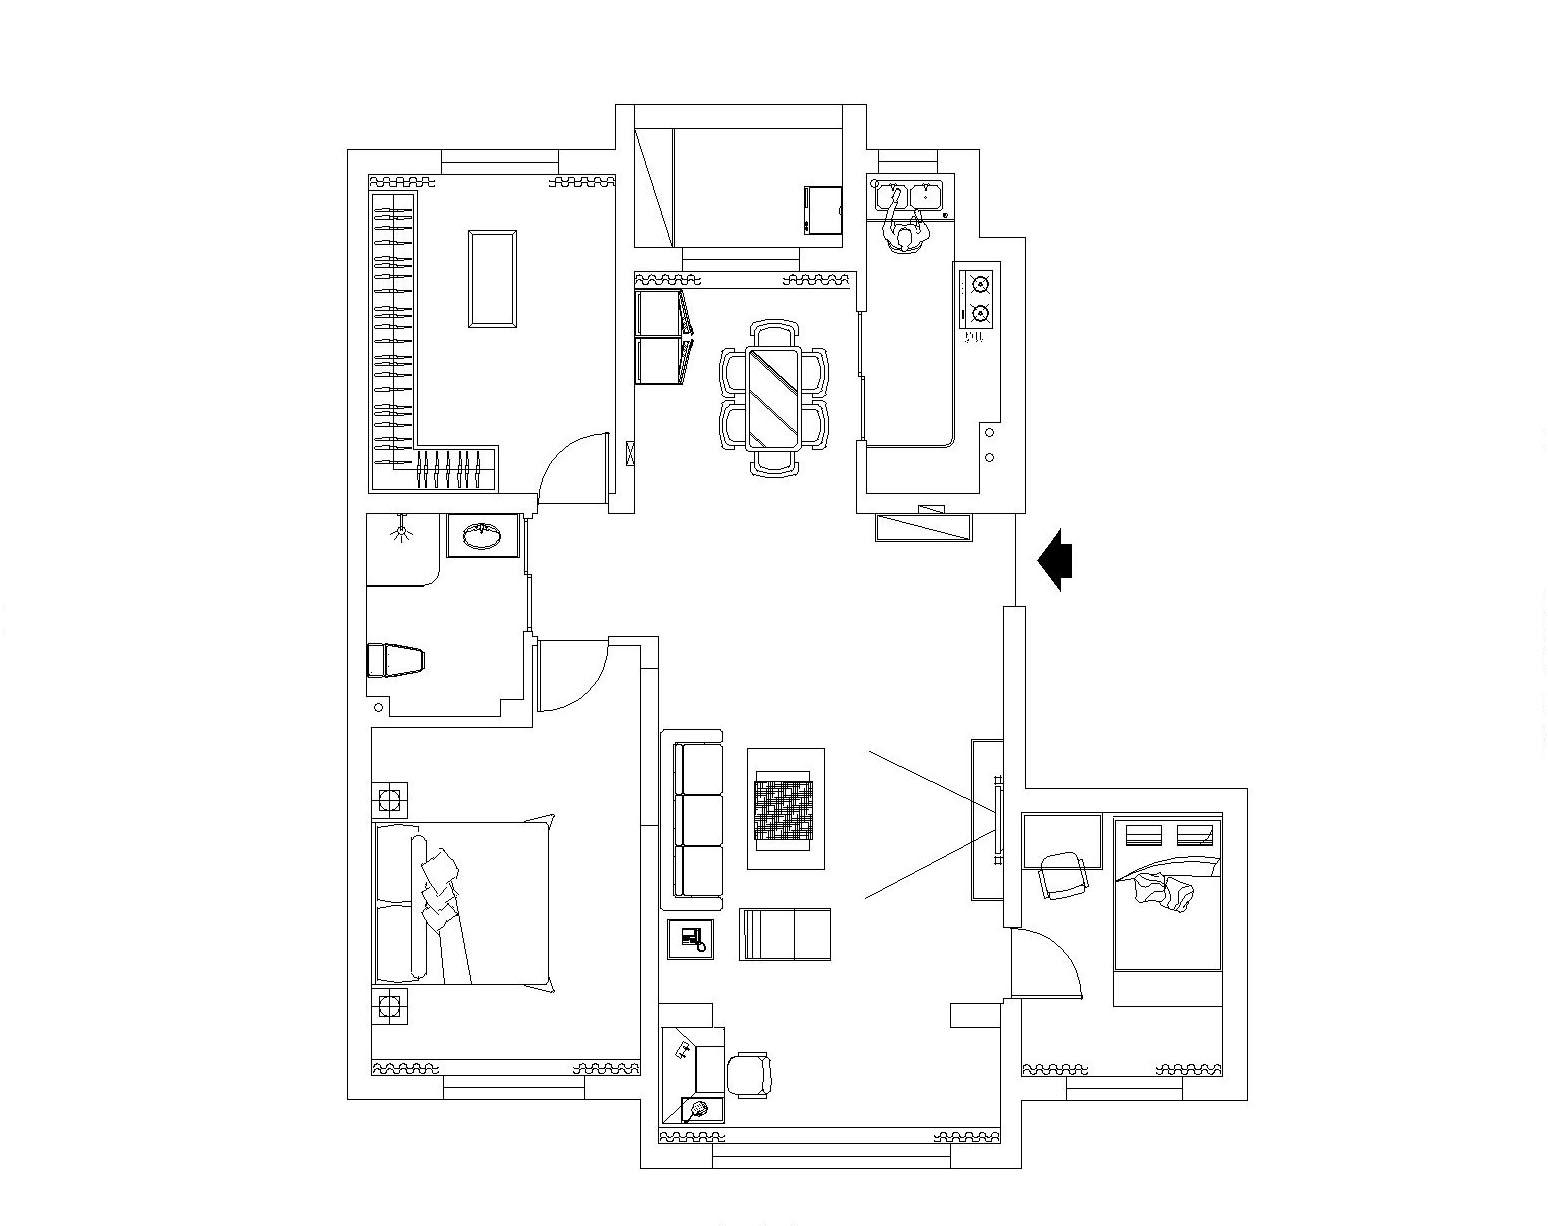 北欧风格的家具一个最大的特点是直线条的家具,令人体会到简约风格的魅力。十分贴近实际生活,有浓厚的人情味。黑白灰的色彩搭配让空间显得安静又柔和,其中刻意保留了一面灰色砖墙,让屋主在完全放松的环境下还可以想象过去的故事。其中运用了金属元素,让空间更加有层次。卧室设计更偏向于后现代,复杂的顶面造型与床头背景墙相呼应。